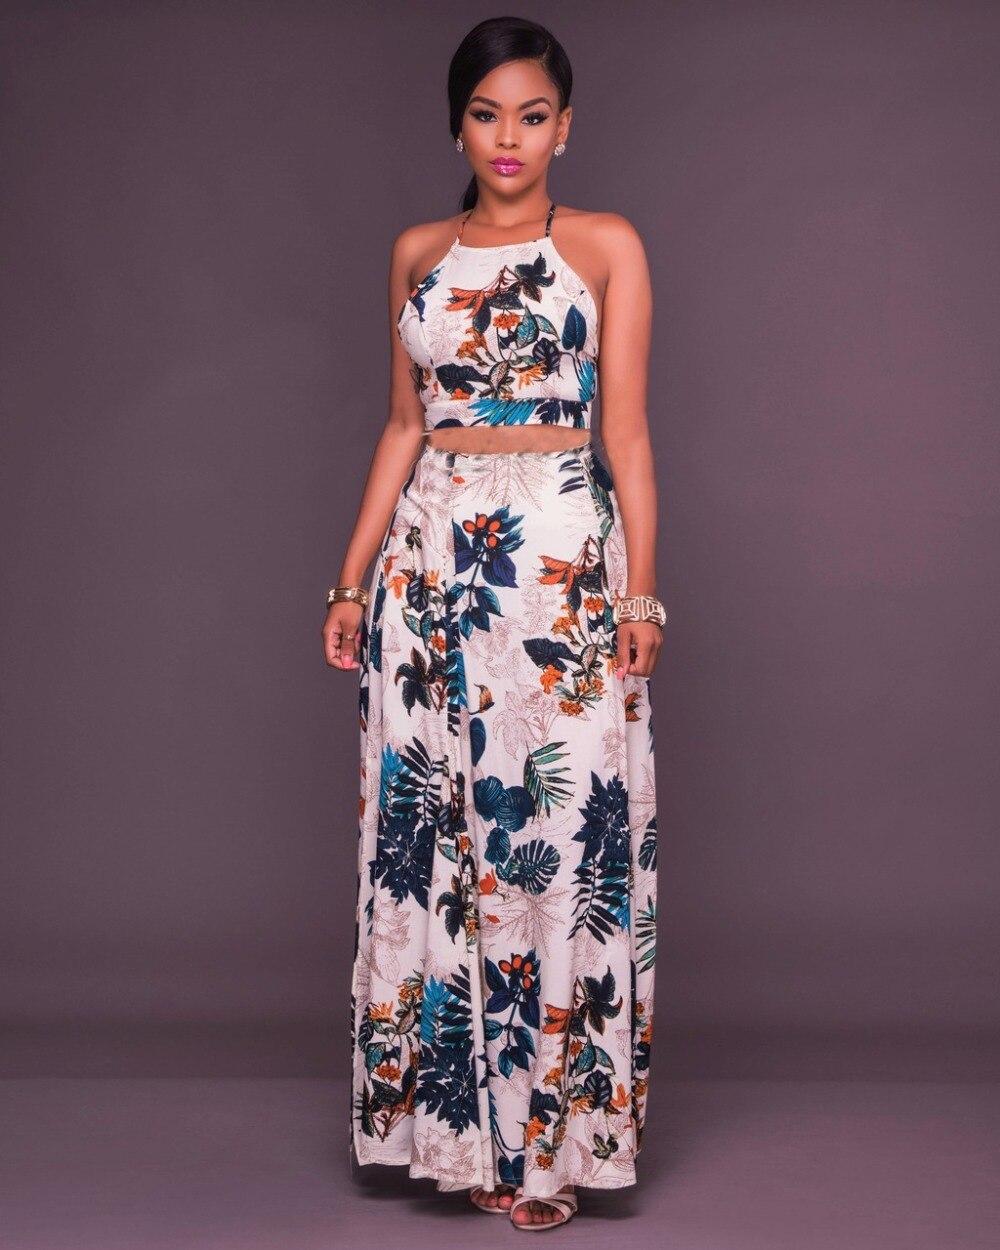 76ae822b68 Mujeres impresión floral Maxi falda traje verano Cross back crop top y alta  cintura falda 2 unidades verano backless falda larga Sets en Sets mujer de  La ...